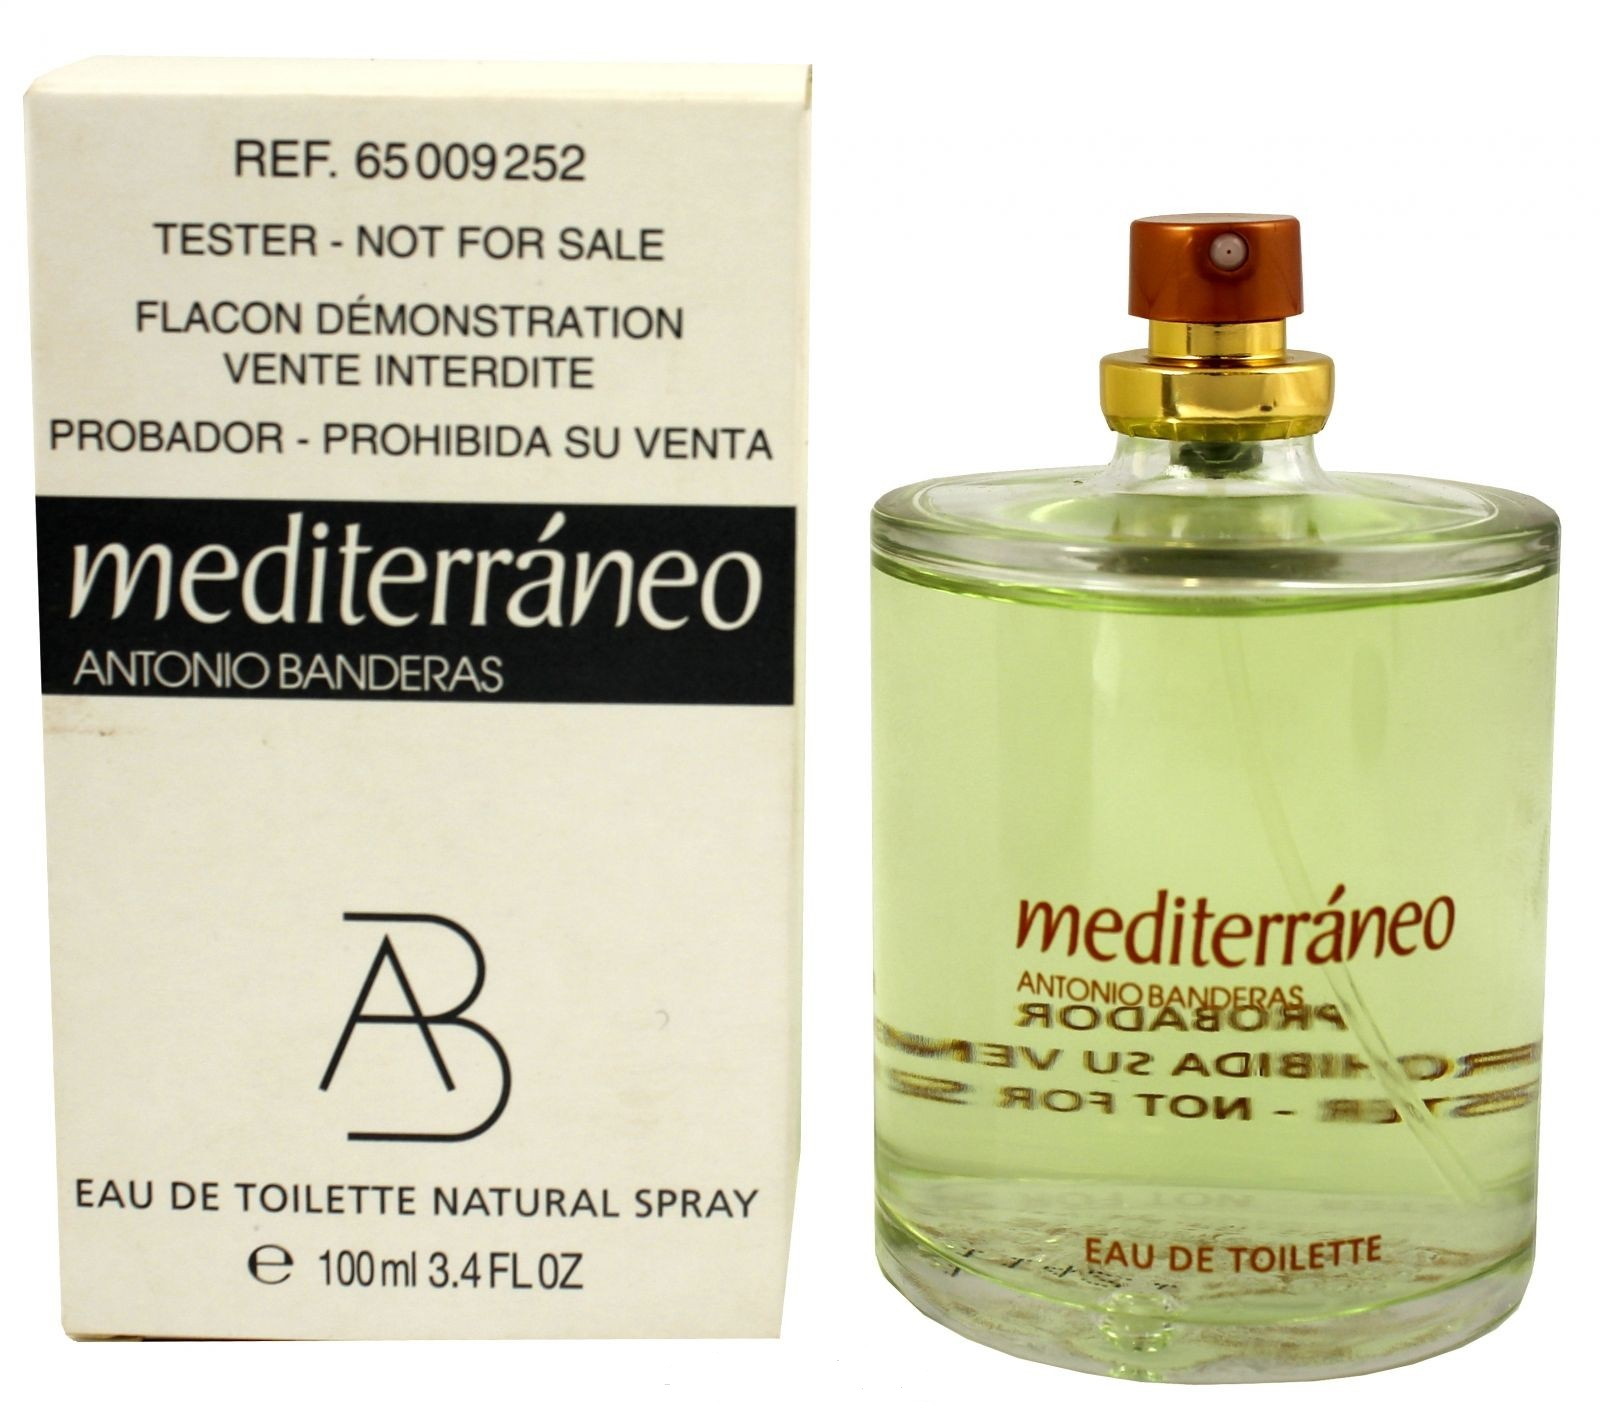 Antonio Banderas Mediterraneo for Man, Toaletní voda - Tester, 100ml, Pánska vôňa, + AKCE: dárek zdarma